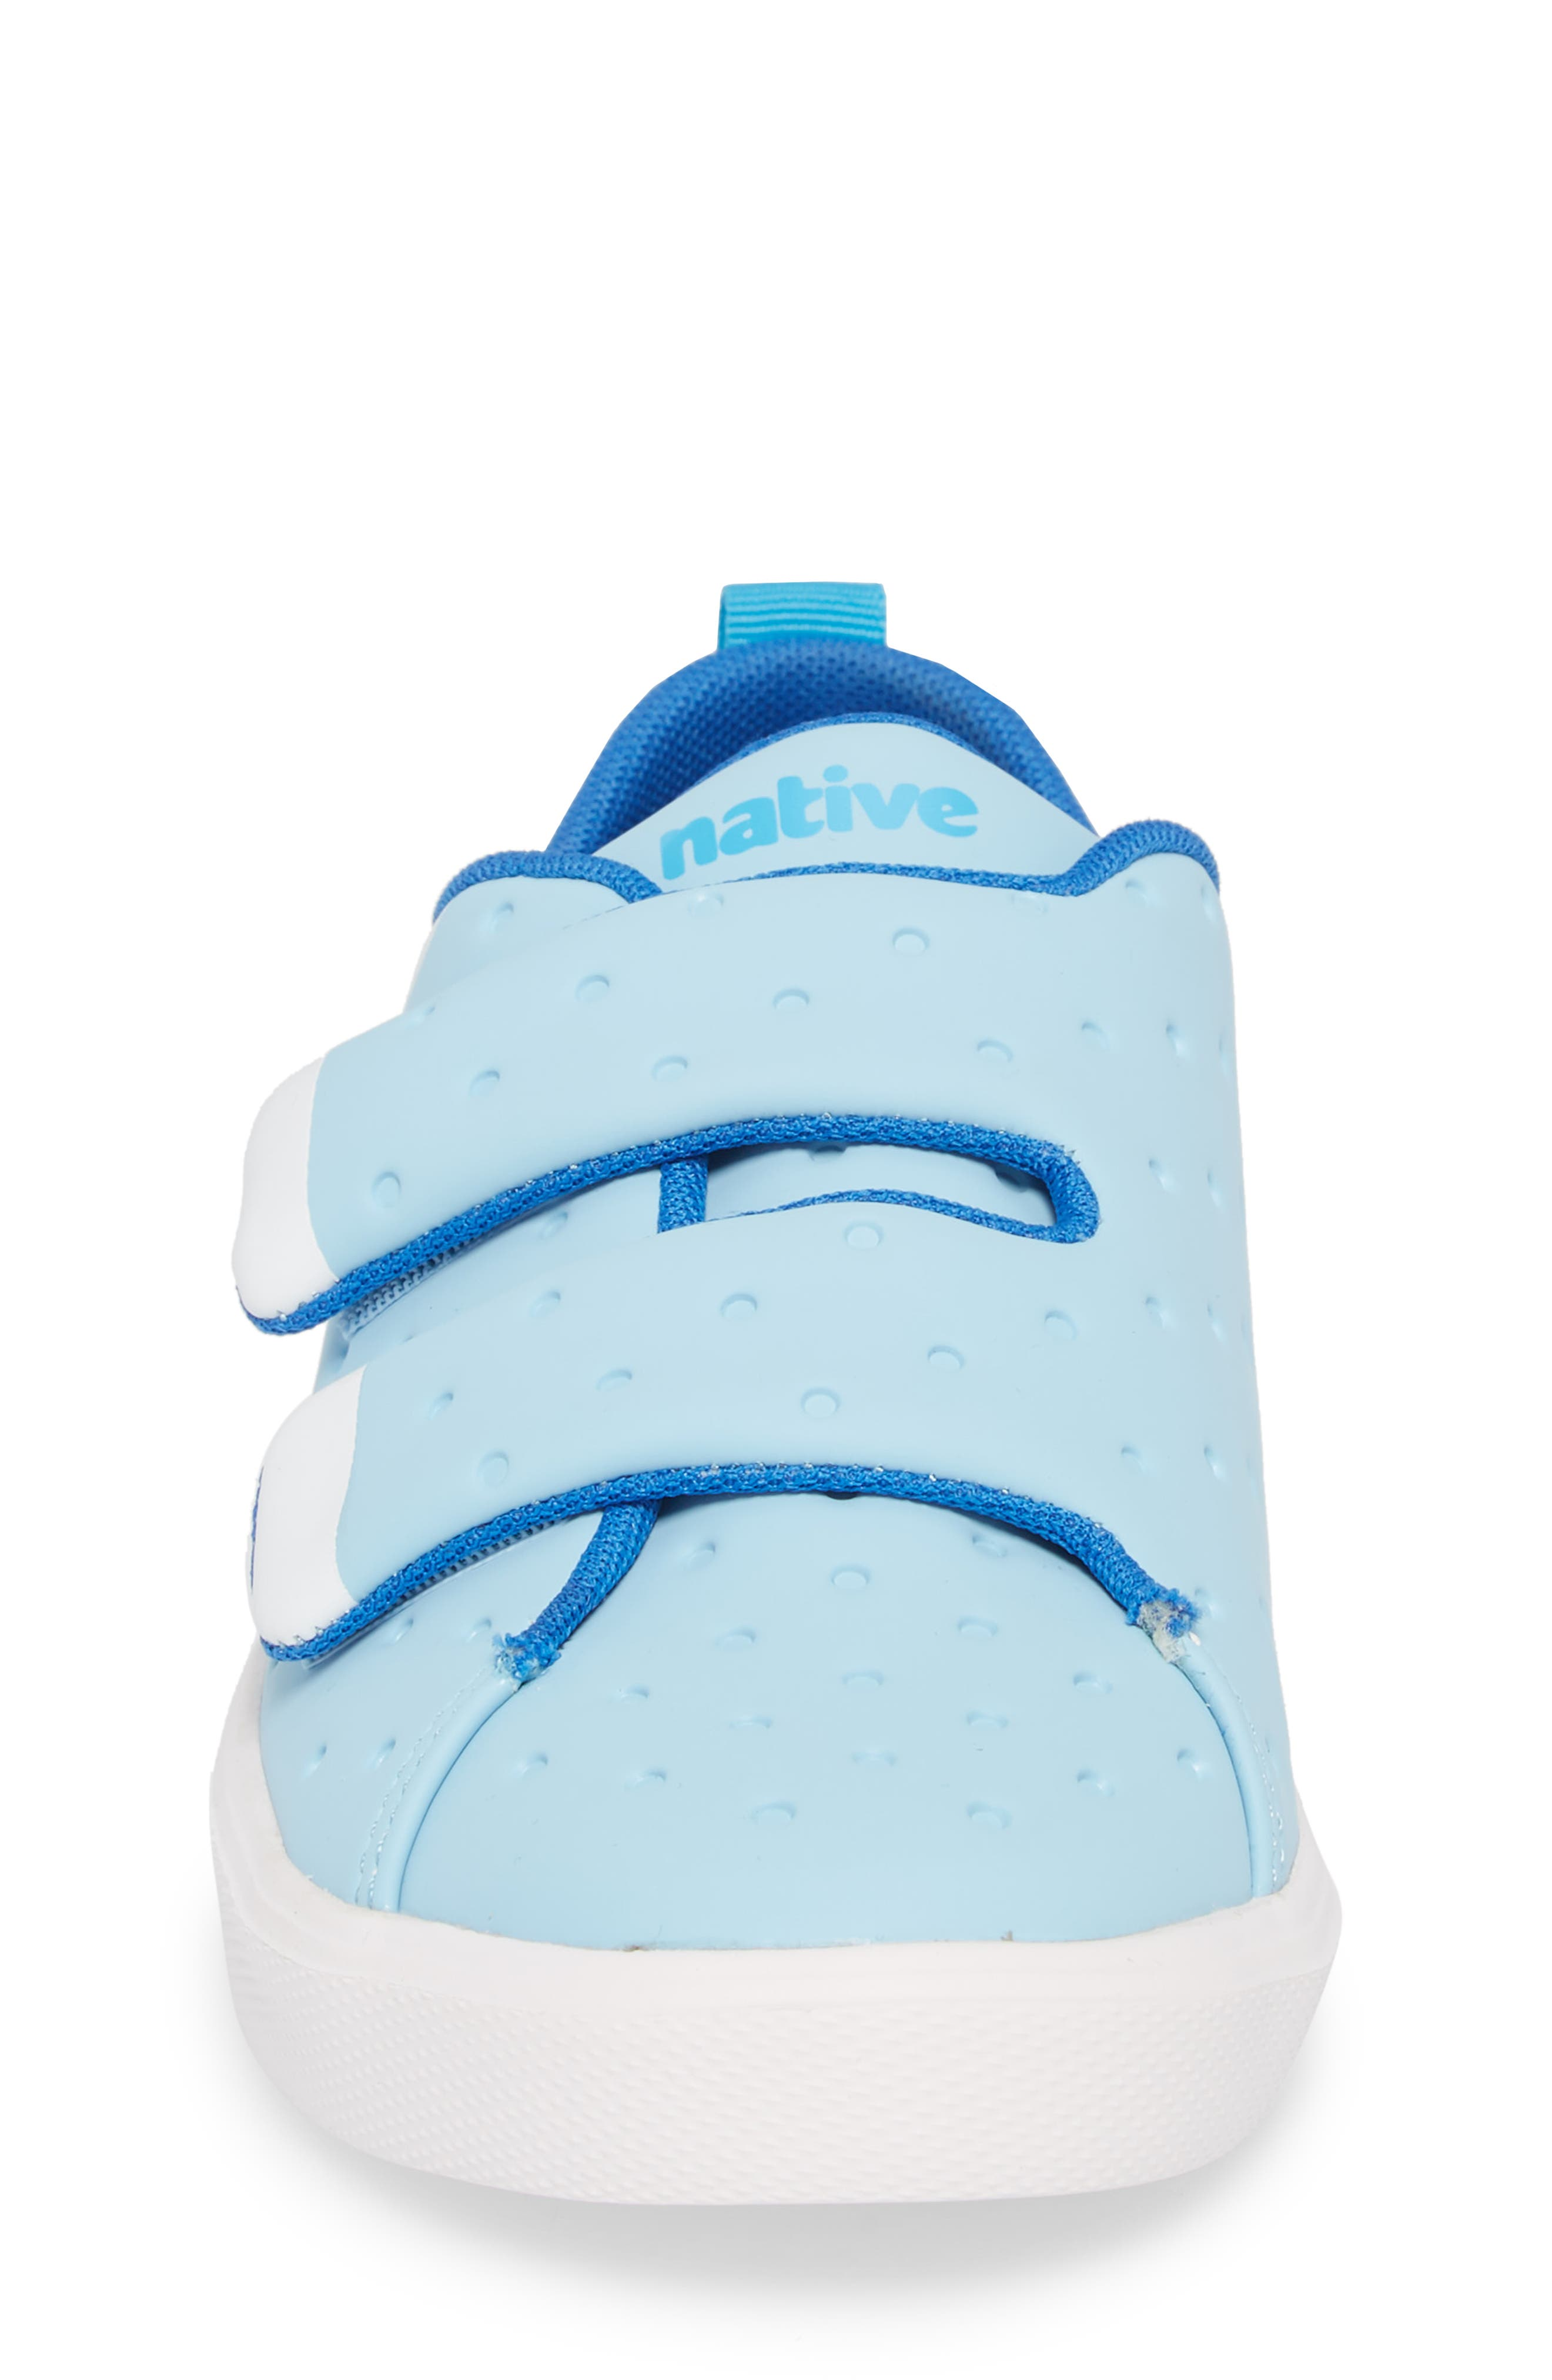 Monaco Sneaker,                             Alternate thumbnail 4, color,                             Sky Blue/ Shell White